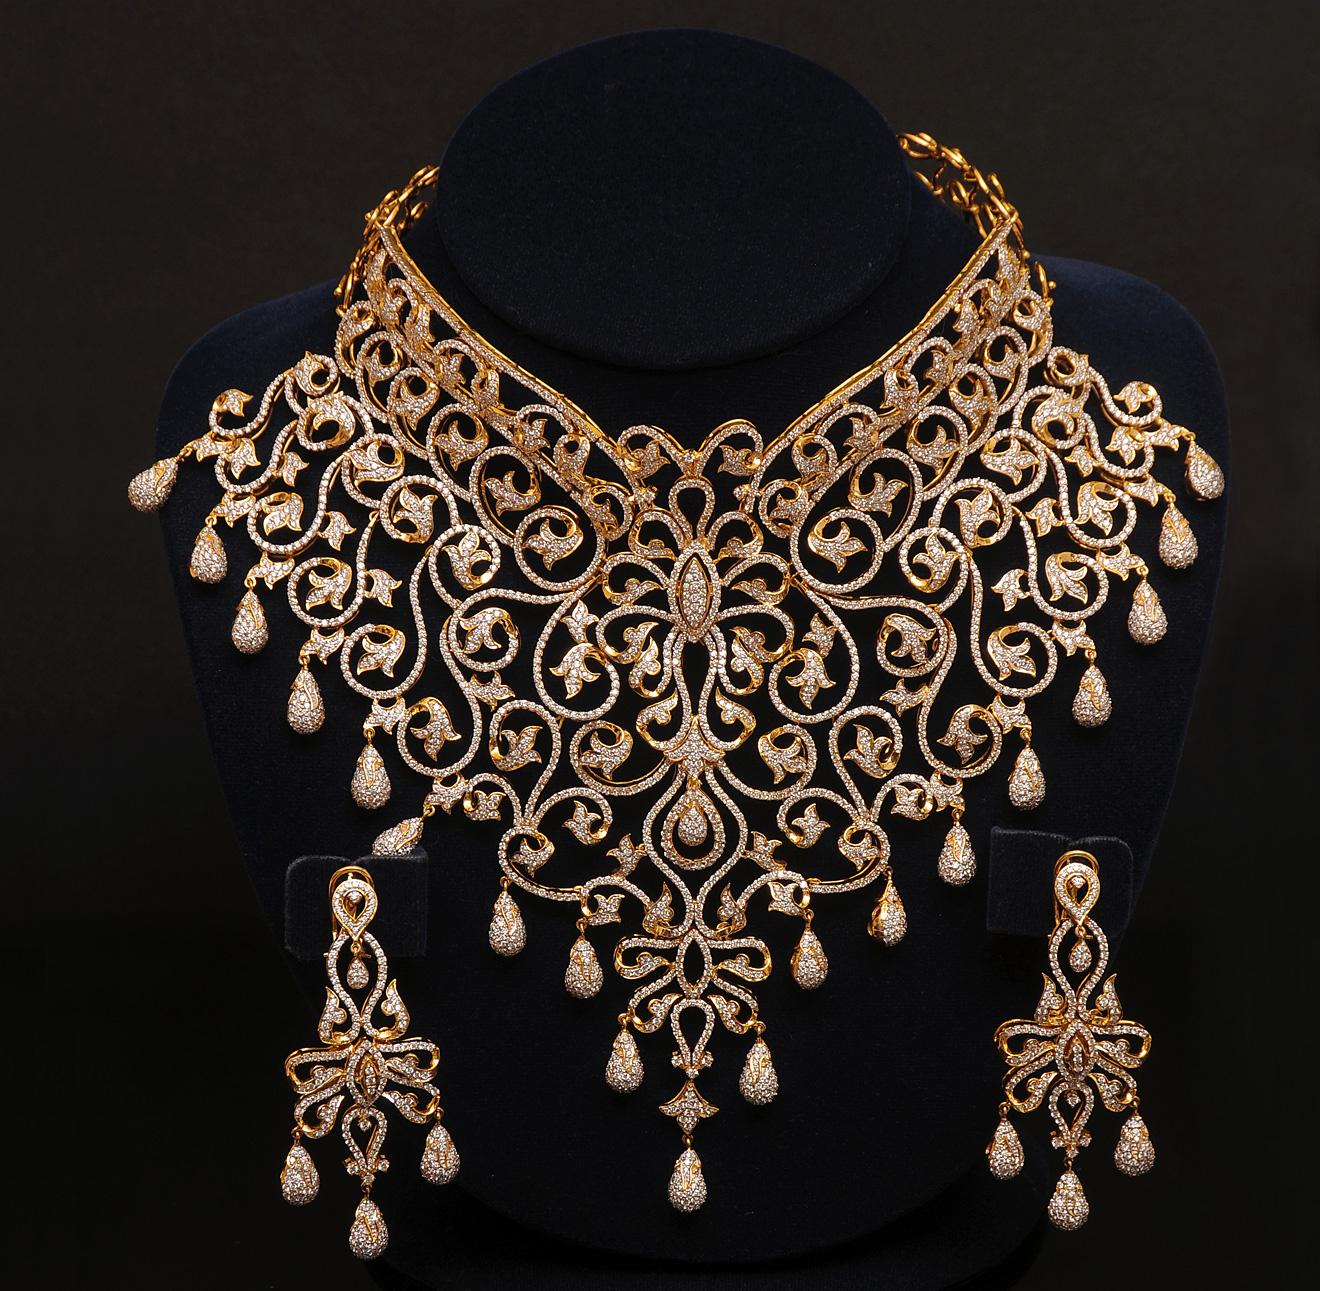 Cartier diamond pendant necklace